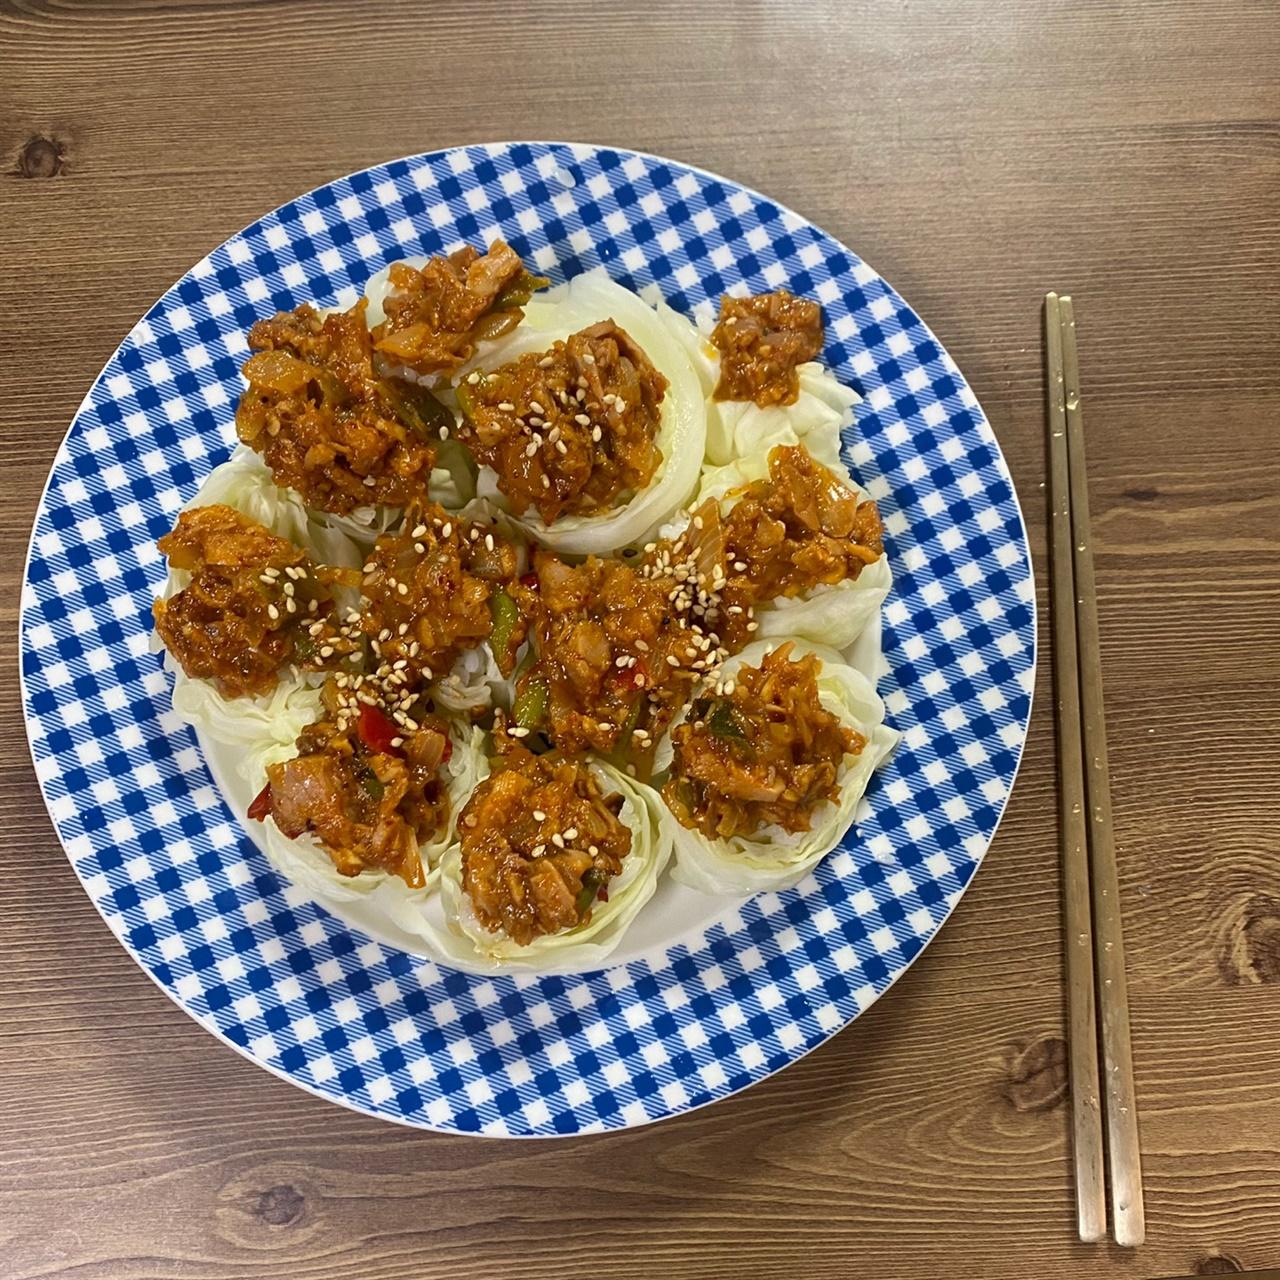 양배추 롤 위에 참치 쌈장을 올려먹으면, 을매나 맛있게요?